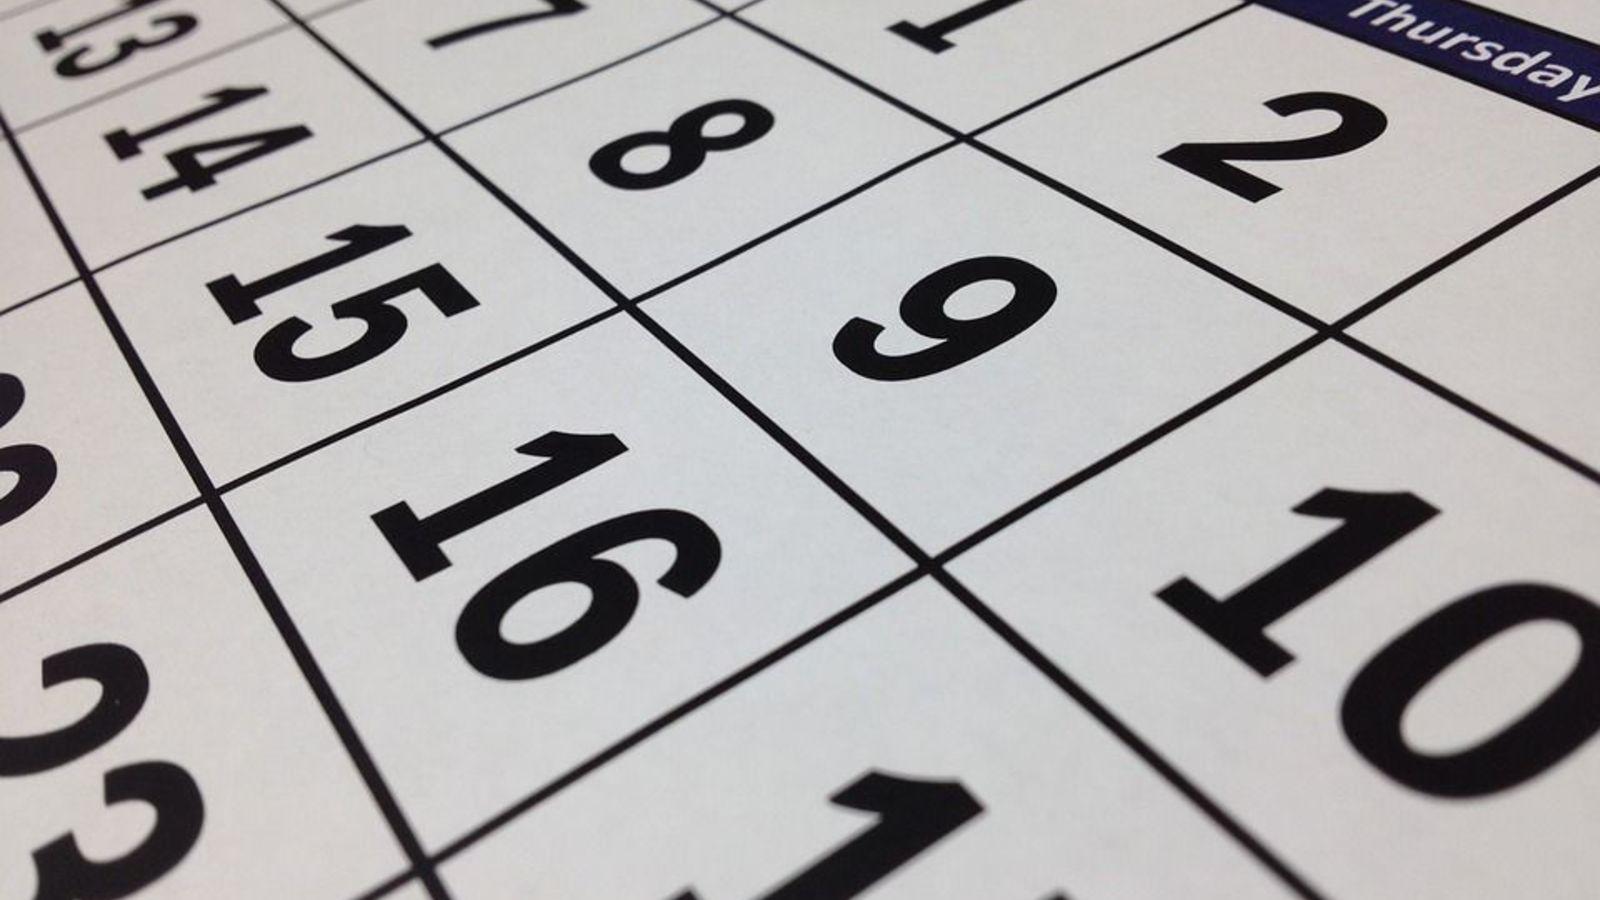 Historia: Año Bisiesto Y El 29 De Febrero: Curiosidades